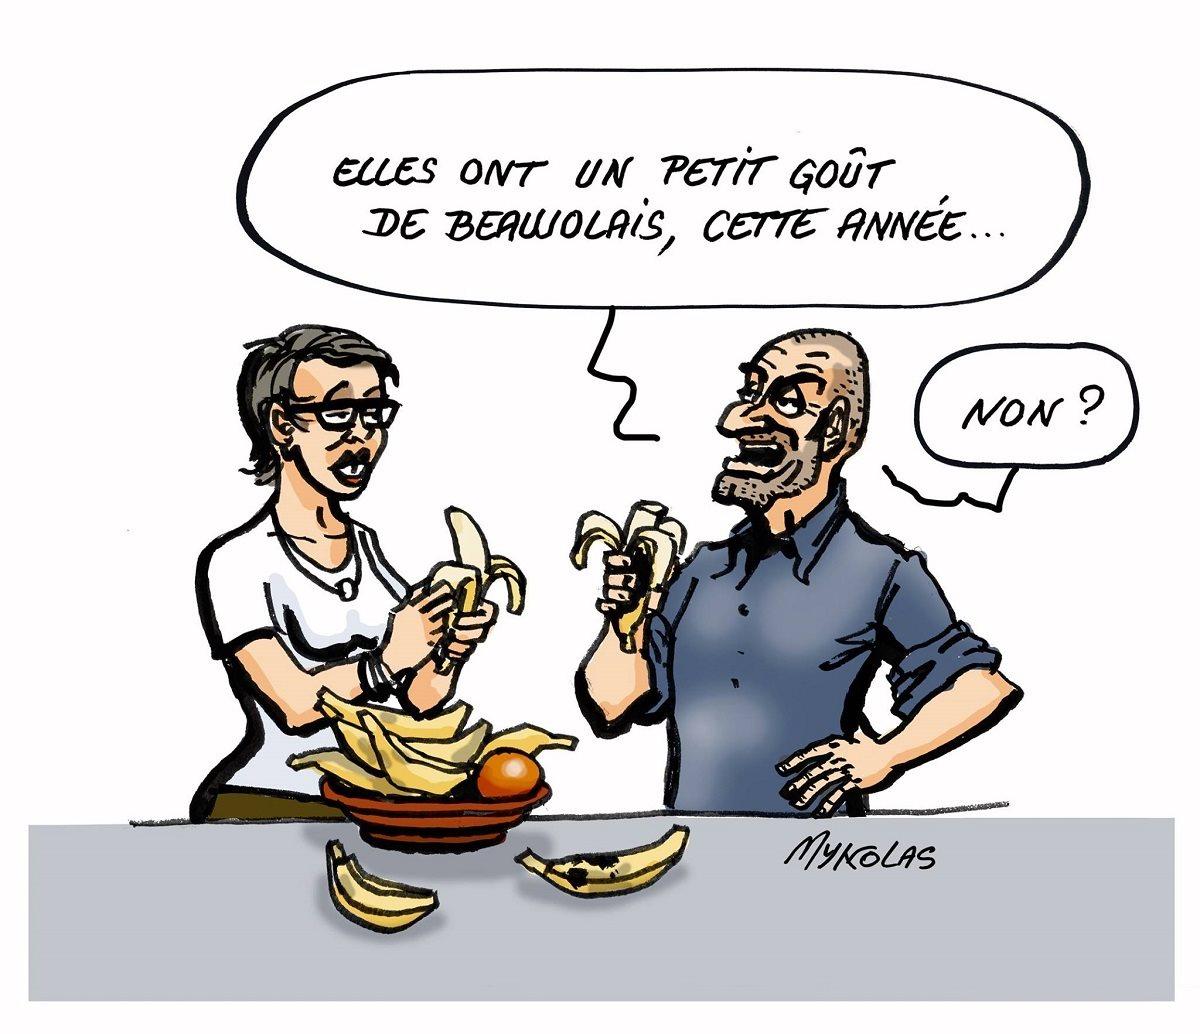 dessin humoristique d'un couple qui goûte des bananes ayant le goût de Beaujolais nouveau